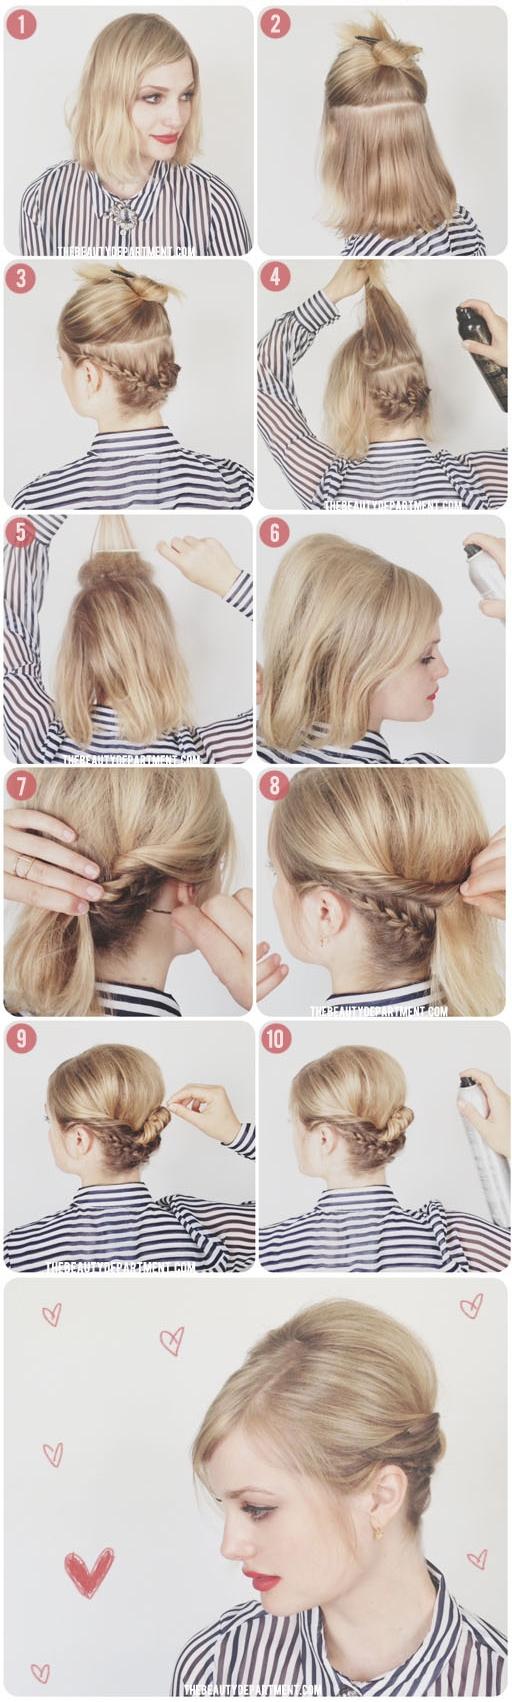 Ai mà tin kiểu tóc này được tạo ra từ tóc ngắn cơ chứ?